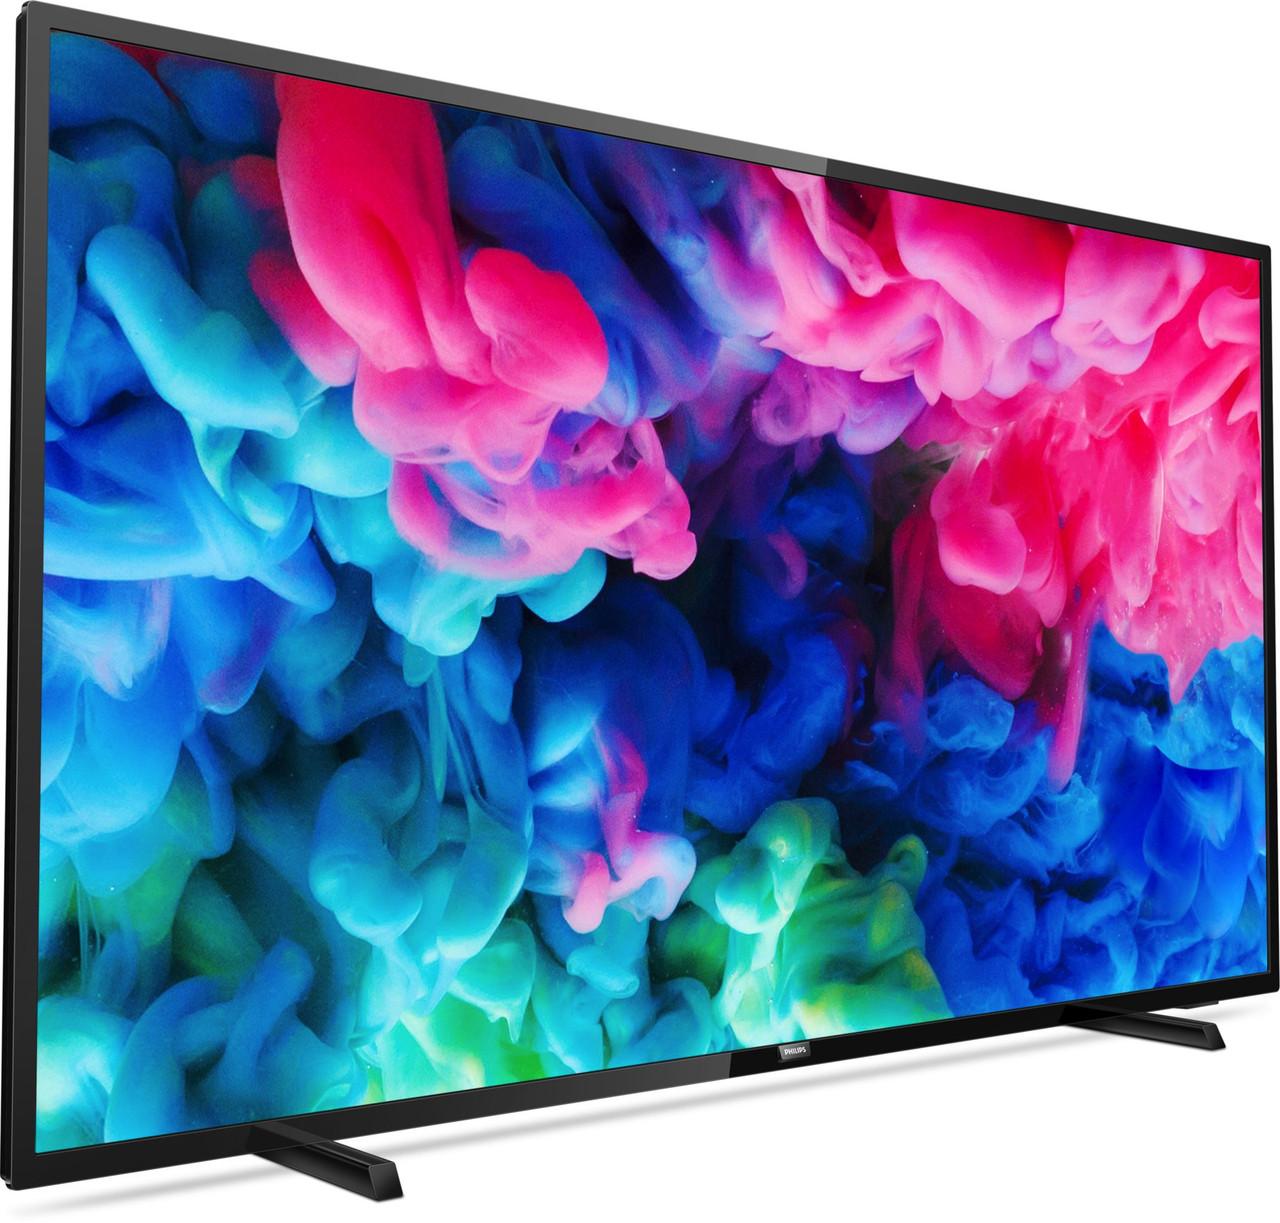 Телевизор Philips 55PUS6503/12 (PPI 900Гц, 4K Smart, Saphi TV, Quad Core, HDR+, HDR10, HGL, DVB-С/Т2/S2, 20Вт)